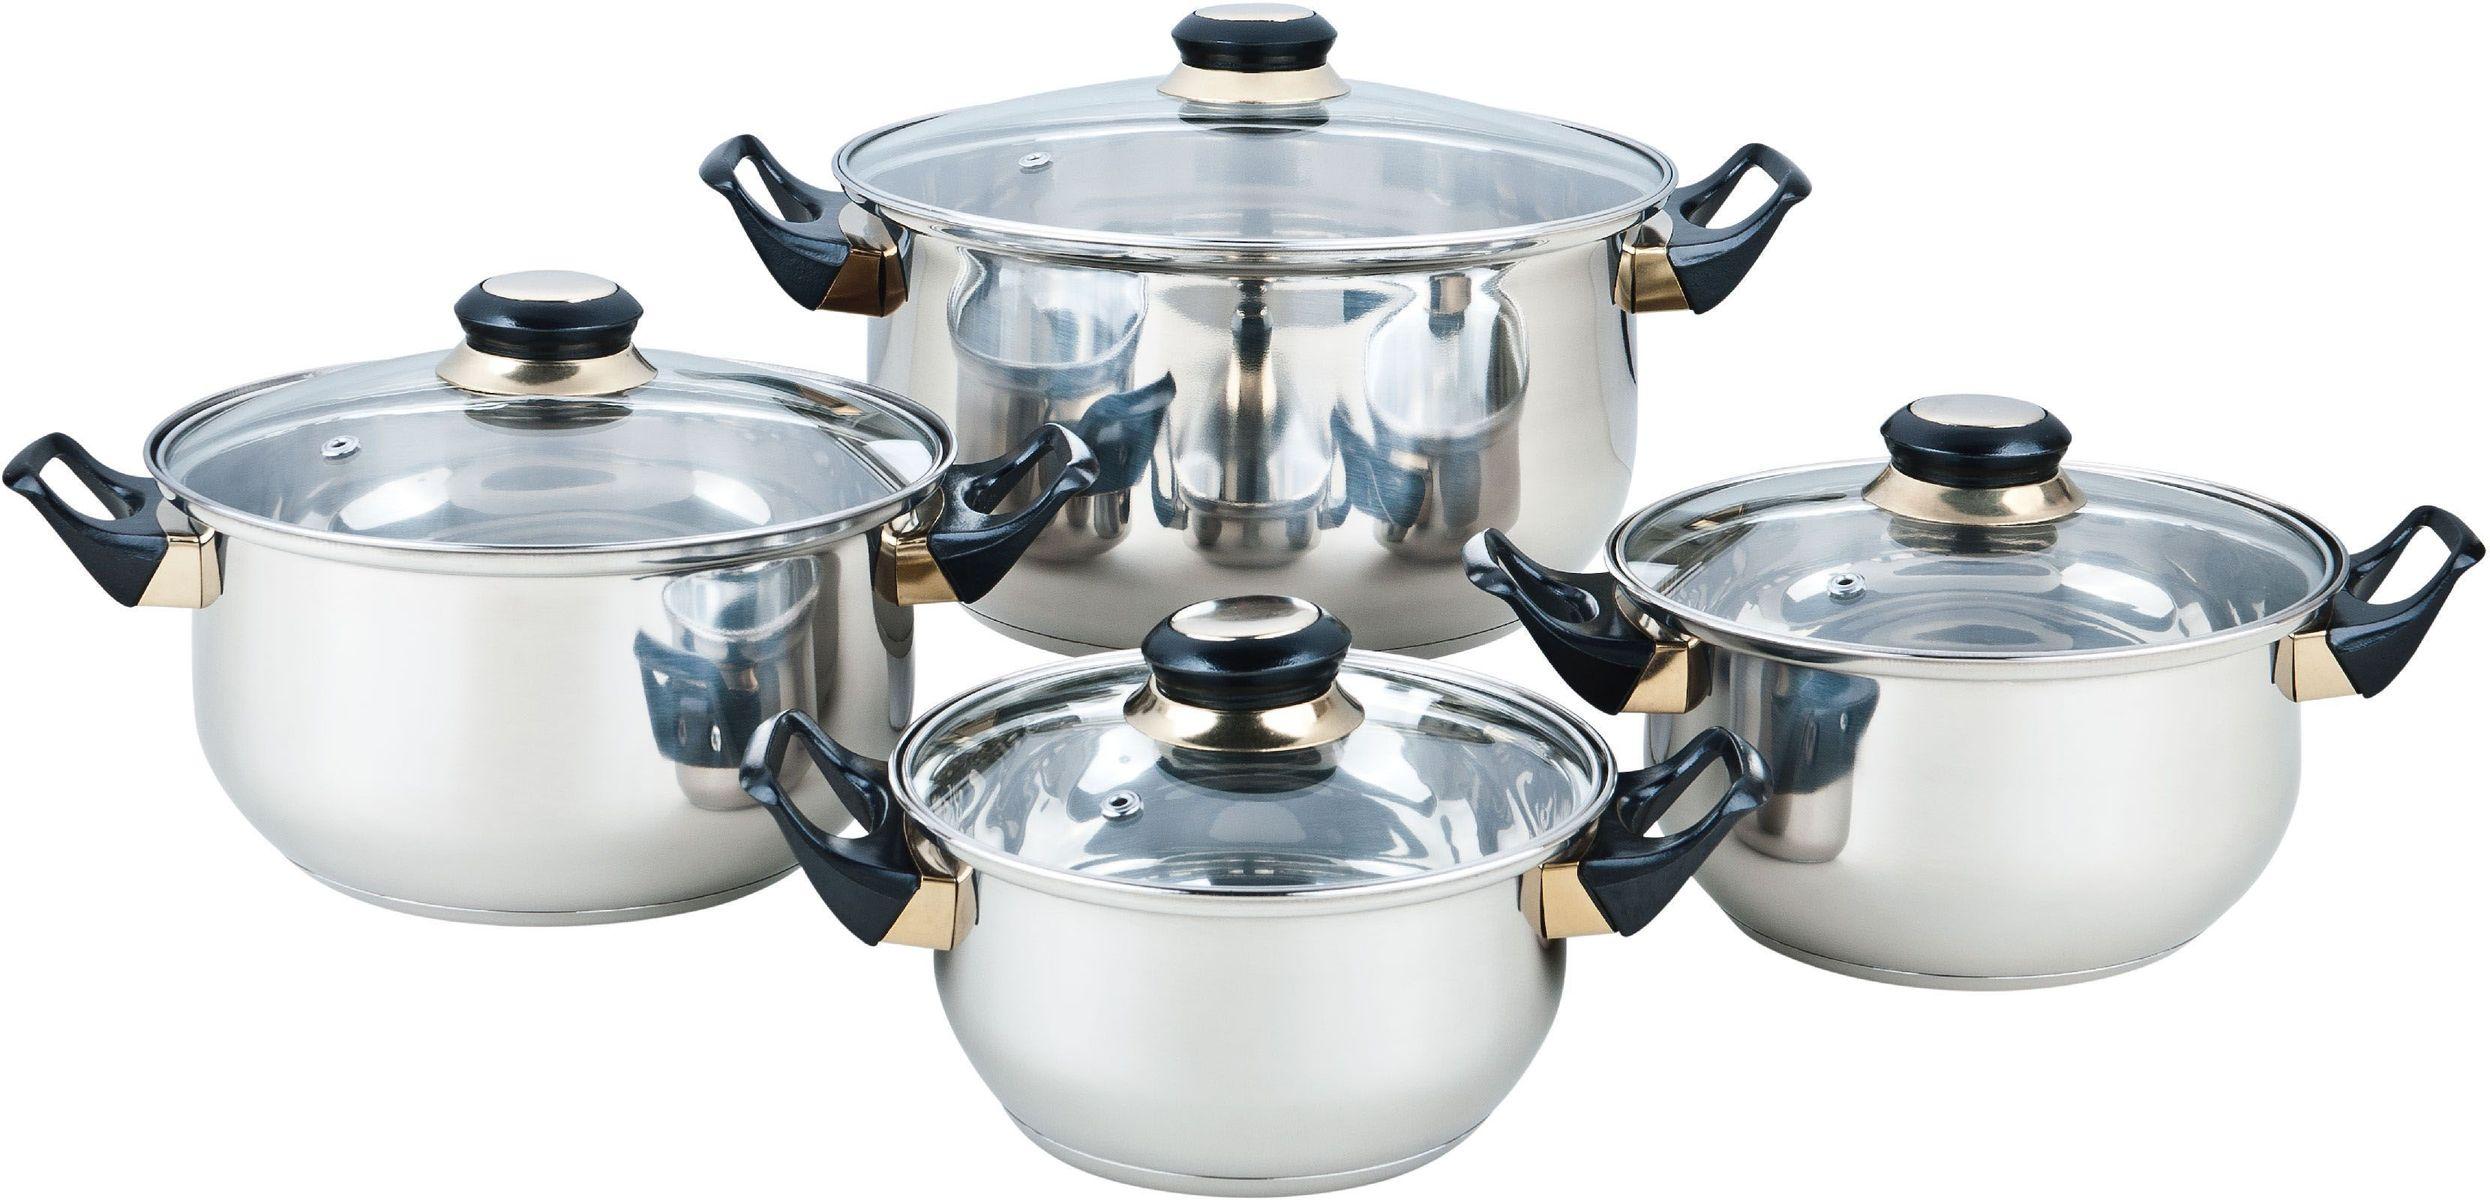 Набор посуды Bekker Classic, 8 предметов. BK-4602391602Набор Bekker Classic состоит из 4 кастрюль с крышками. Изделия изготовлены из высококачественной нержавеющей стали 18/10 с зеркальной полировкой. Посуда имеет капсулированное термическое дно - совершенно новая разработка, позволяющая приготавливать здоровую пищу. Благодаря уникальной конструкции дна, тепло, проходя через металл, равномерно распределяется по стенкам посуды. Для приготовления пищи в такой посуде требуется минимальное количество масла, тем самым уменьшается риск потери витаминов и минералов в процессе термообработки продуктов. Крышки выполнены из жаростойкого прозрачного стекла, оснащены ручкой, металлическим ободом и отверстием для выпуска пара. Такие крышки позволяют следить за процессом приготовления пищи без потери тепла. Они плотно прилегают к краю и сохраняют аромат блюд. Объем кастрюль: 1,5 л, 2,1 л, 3 л, 6 л.Внутренний диаметр кастрюль: 16 см, 18 см, 20 см, 24 см.